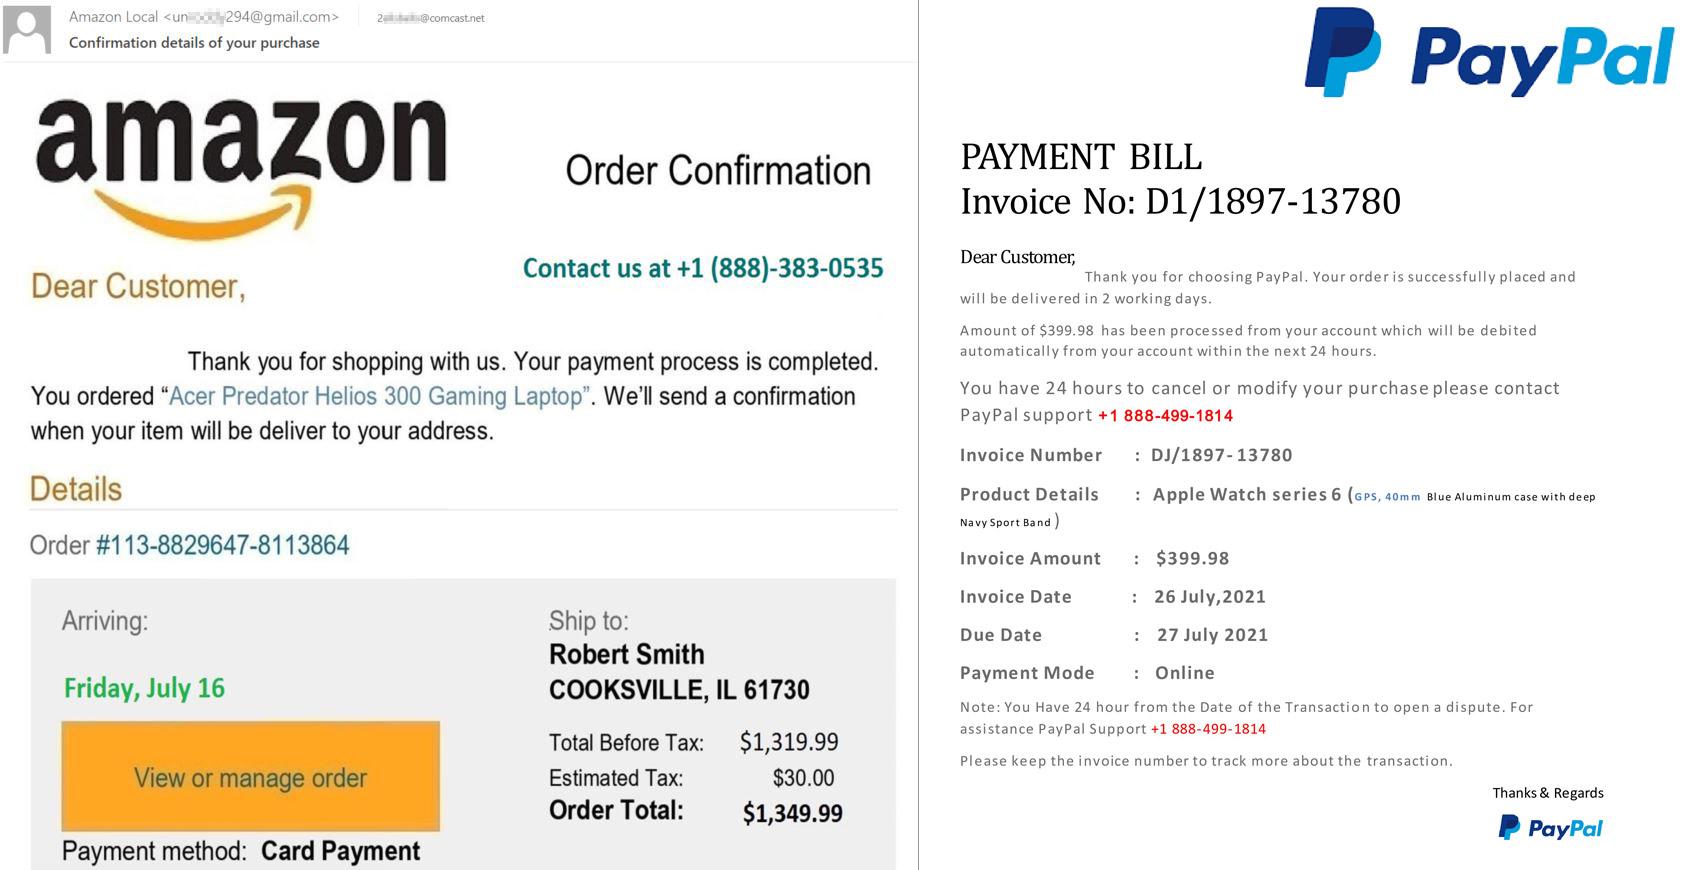 Фальшивые уведомления о крупных покупках от имени PayPal и Amazon с вишинговыми номерами телефонов